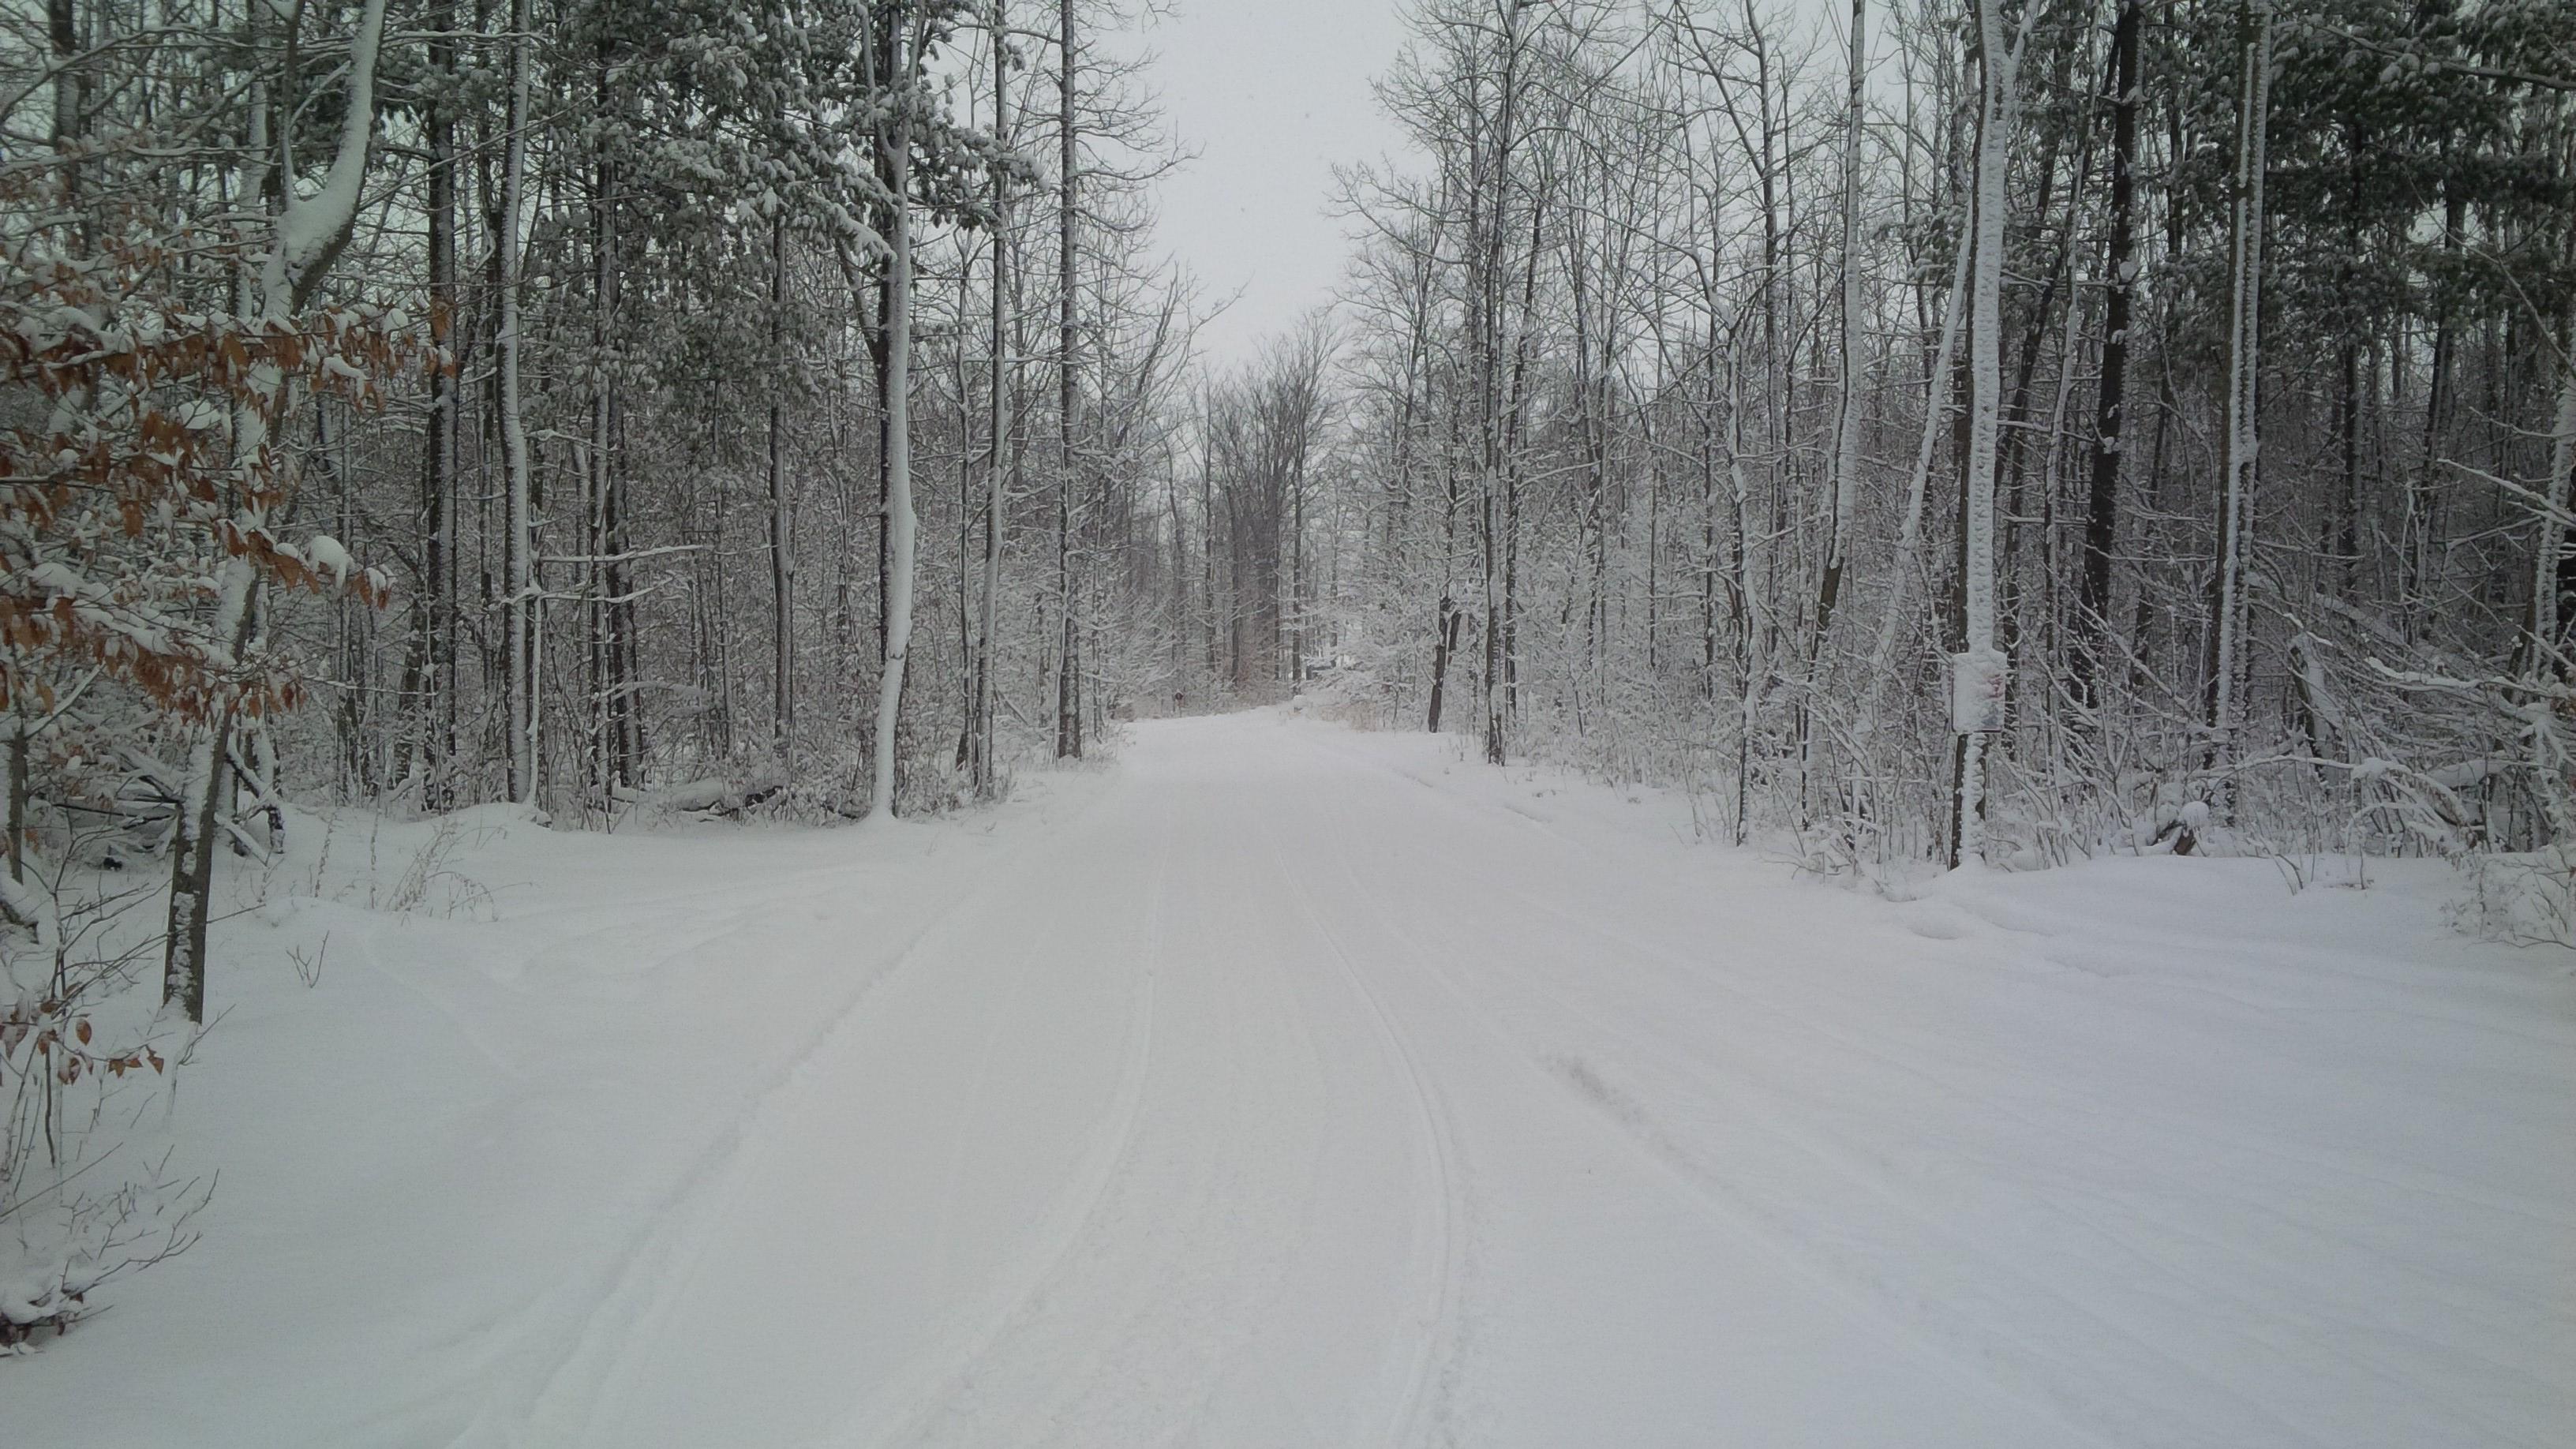 Photos Strathroy Sno Blizzards